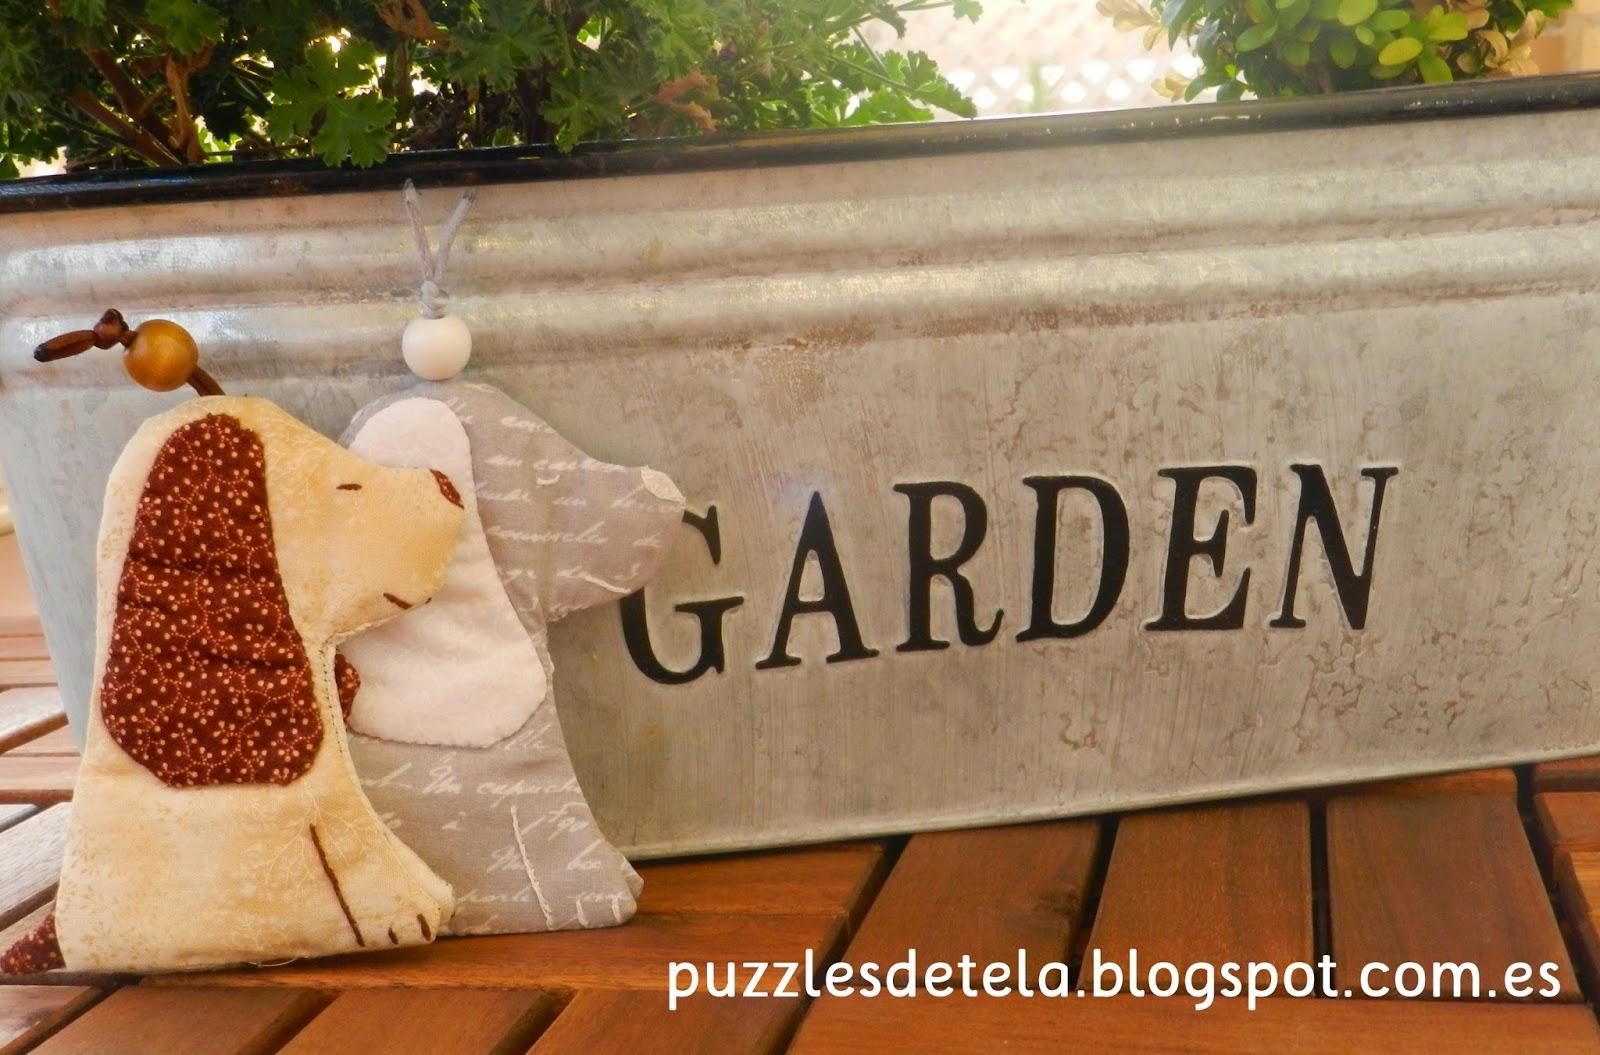 Puzzles de tela, patrón llaveros patchwork perro, llavero perro, llaveros patchwork perro, llaveros patchwork, amigo invisible, ideas para regalar, regalos, patchwork, llaveros, llaveros patchwork, dogs, key chien,